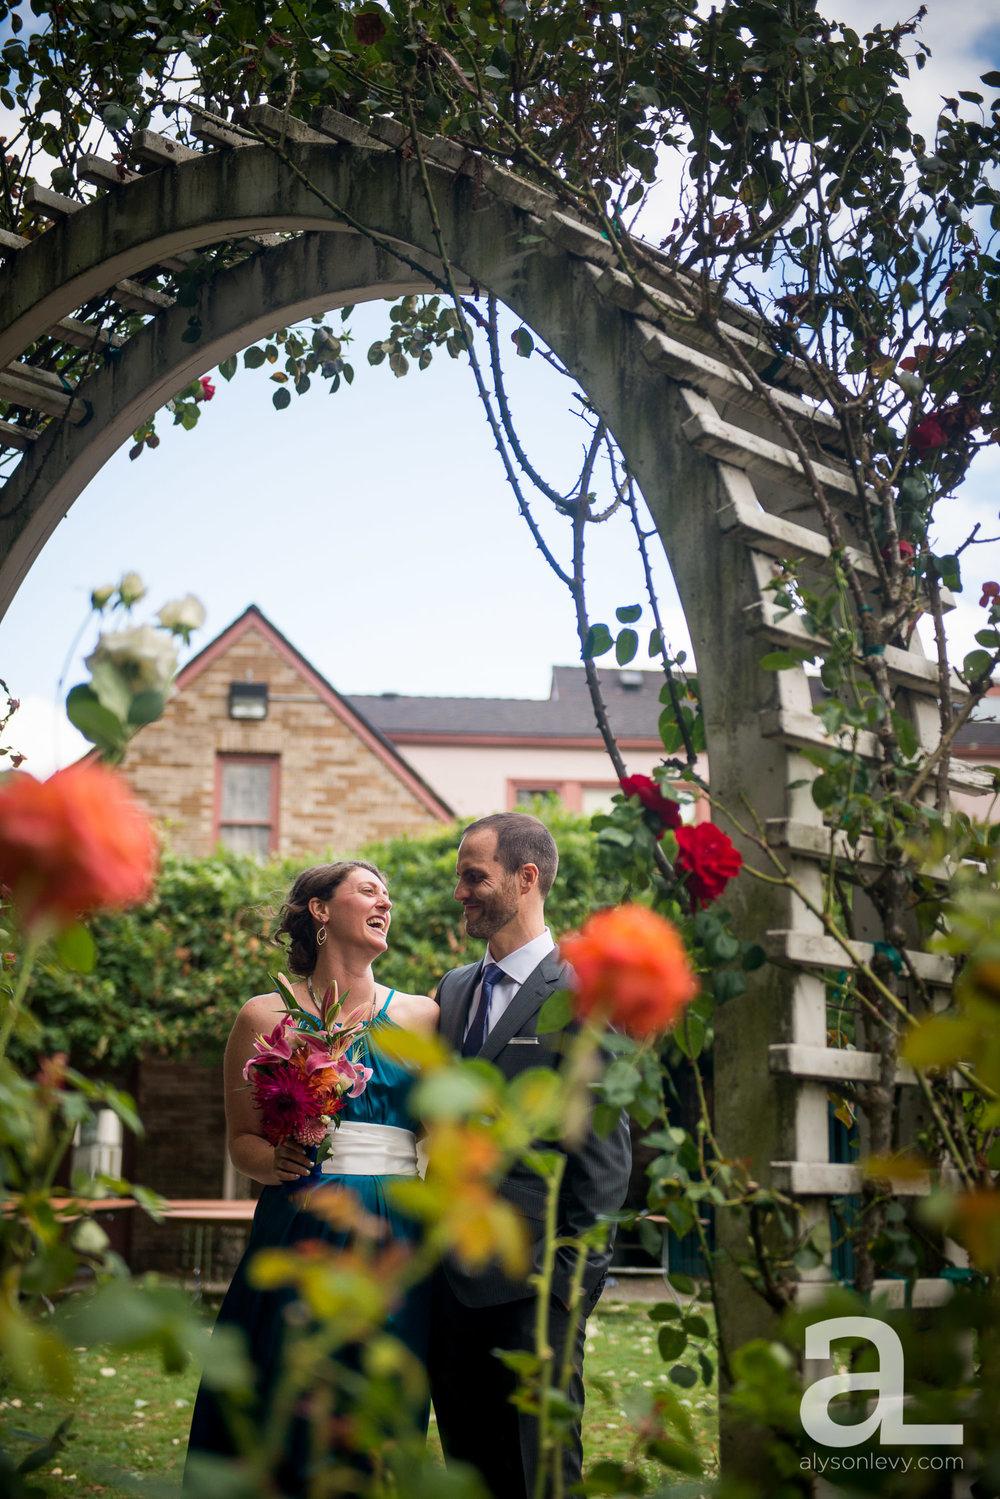 Overlook-House-Portland-Wedding-Photography-002.jpg